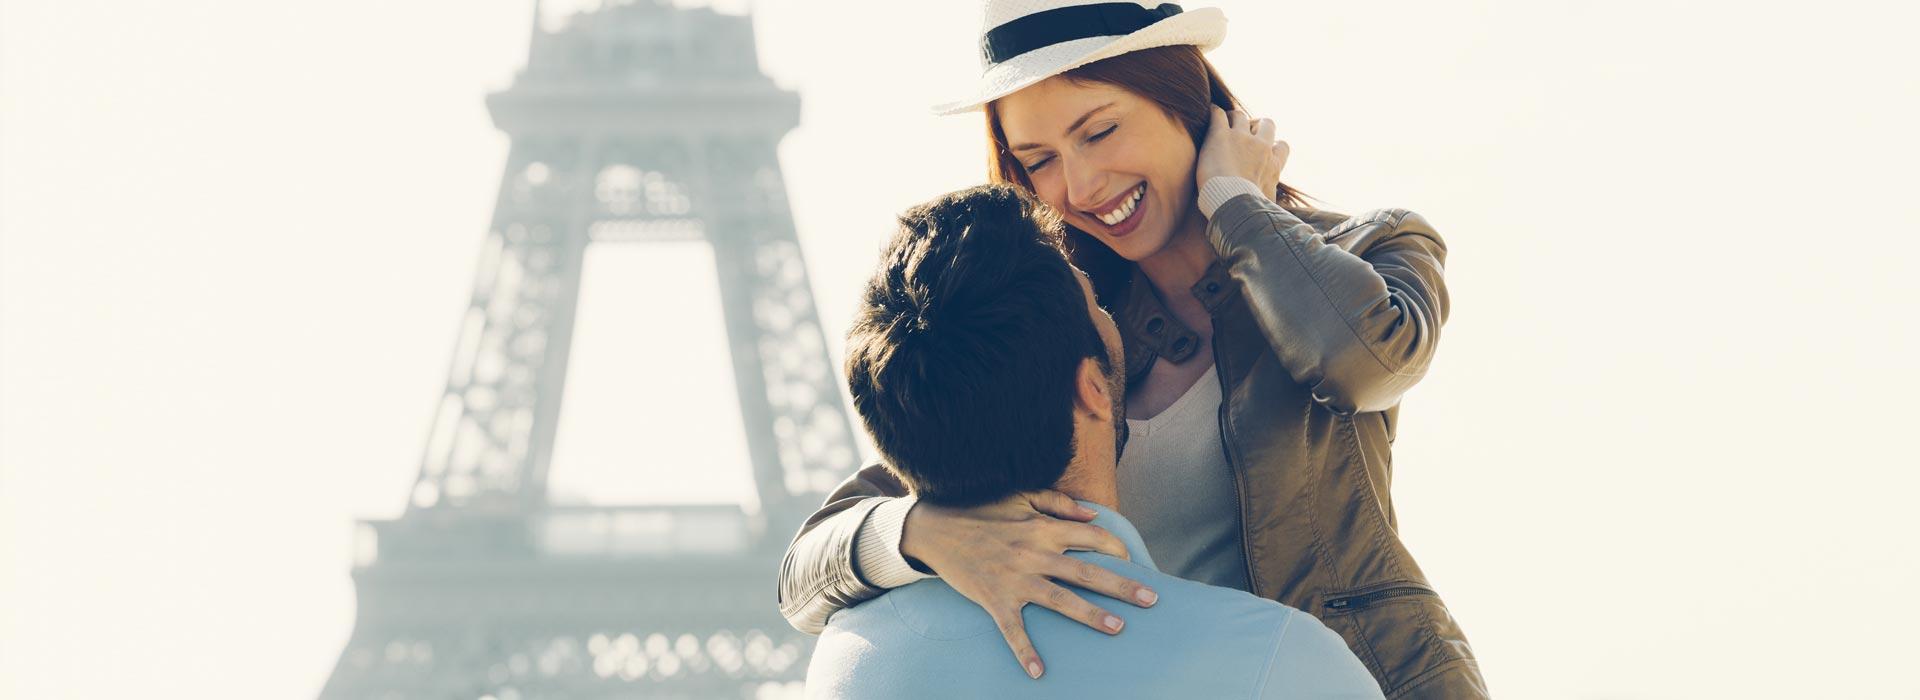 Agence matrimoniale asiatique paris 13